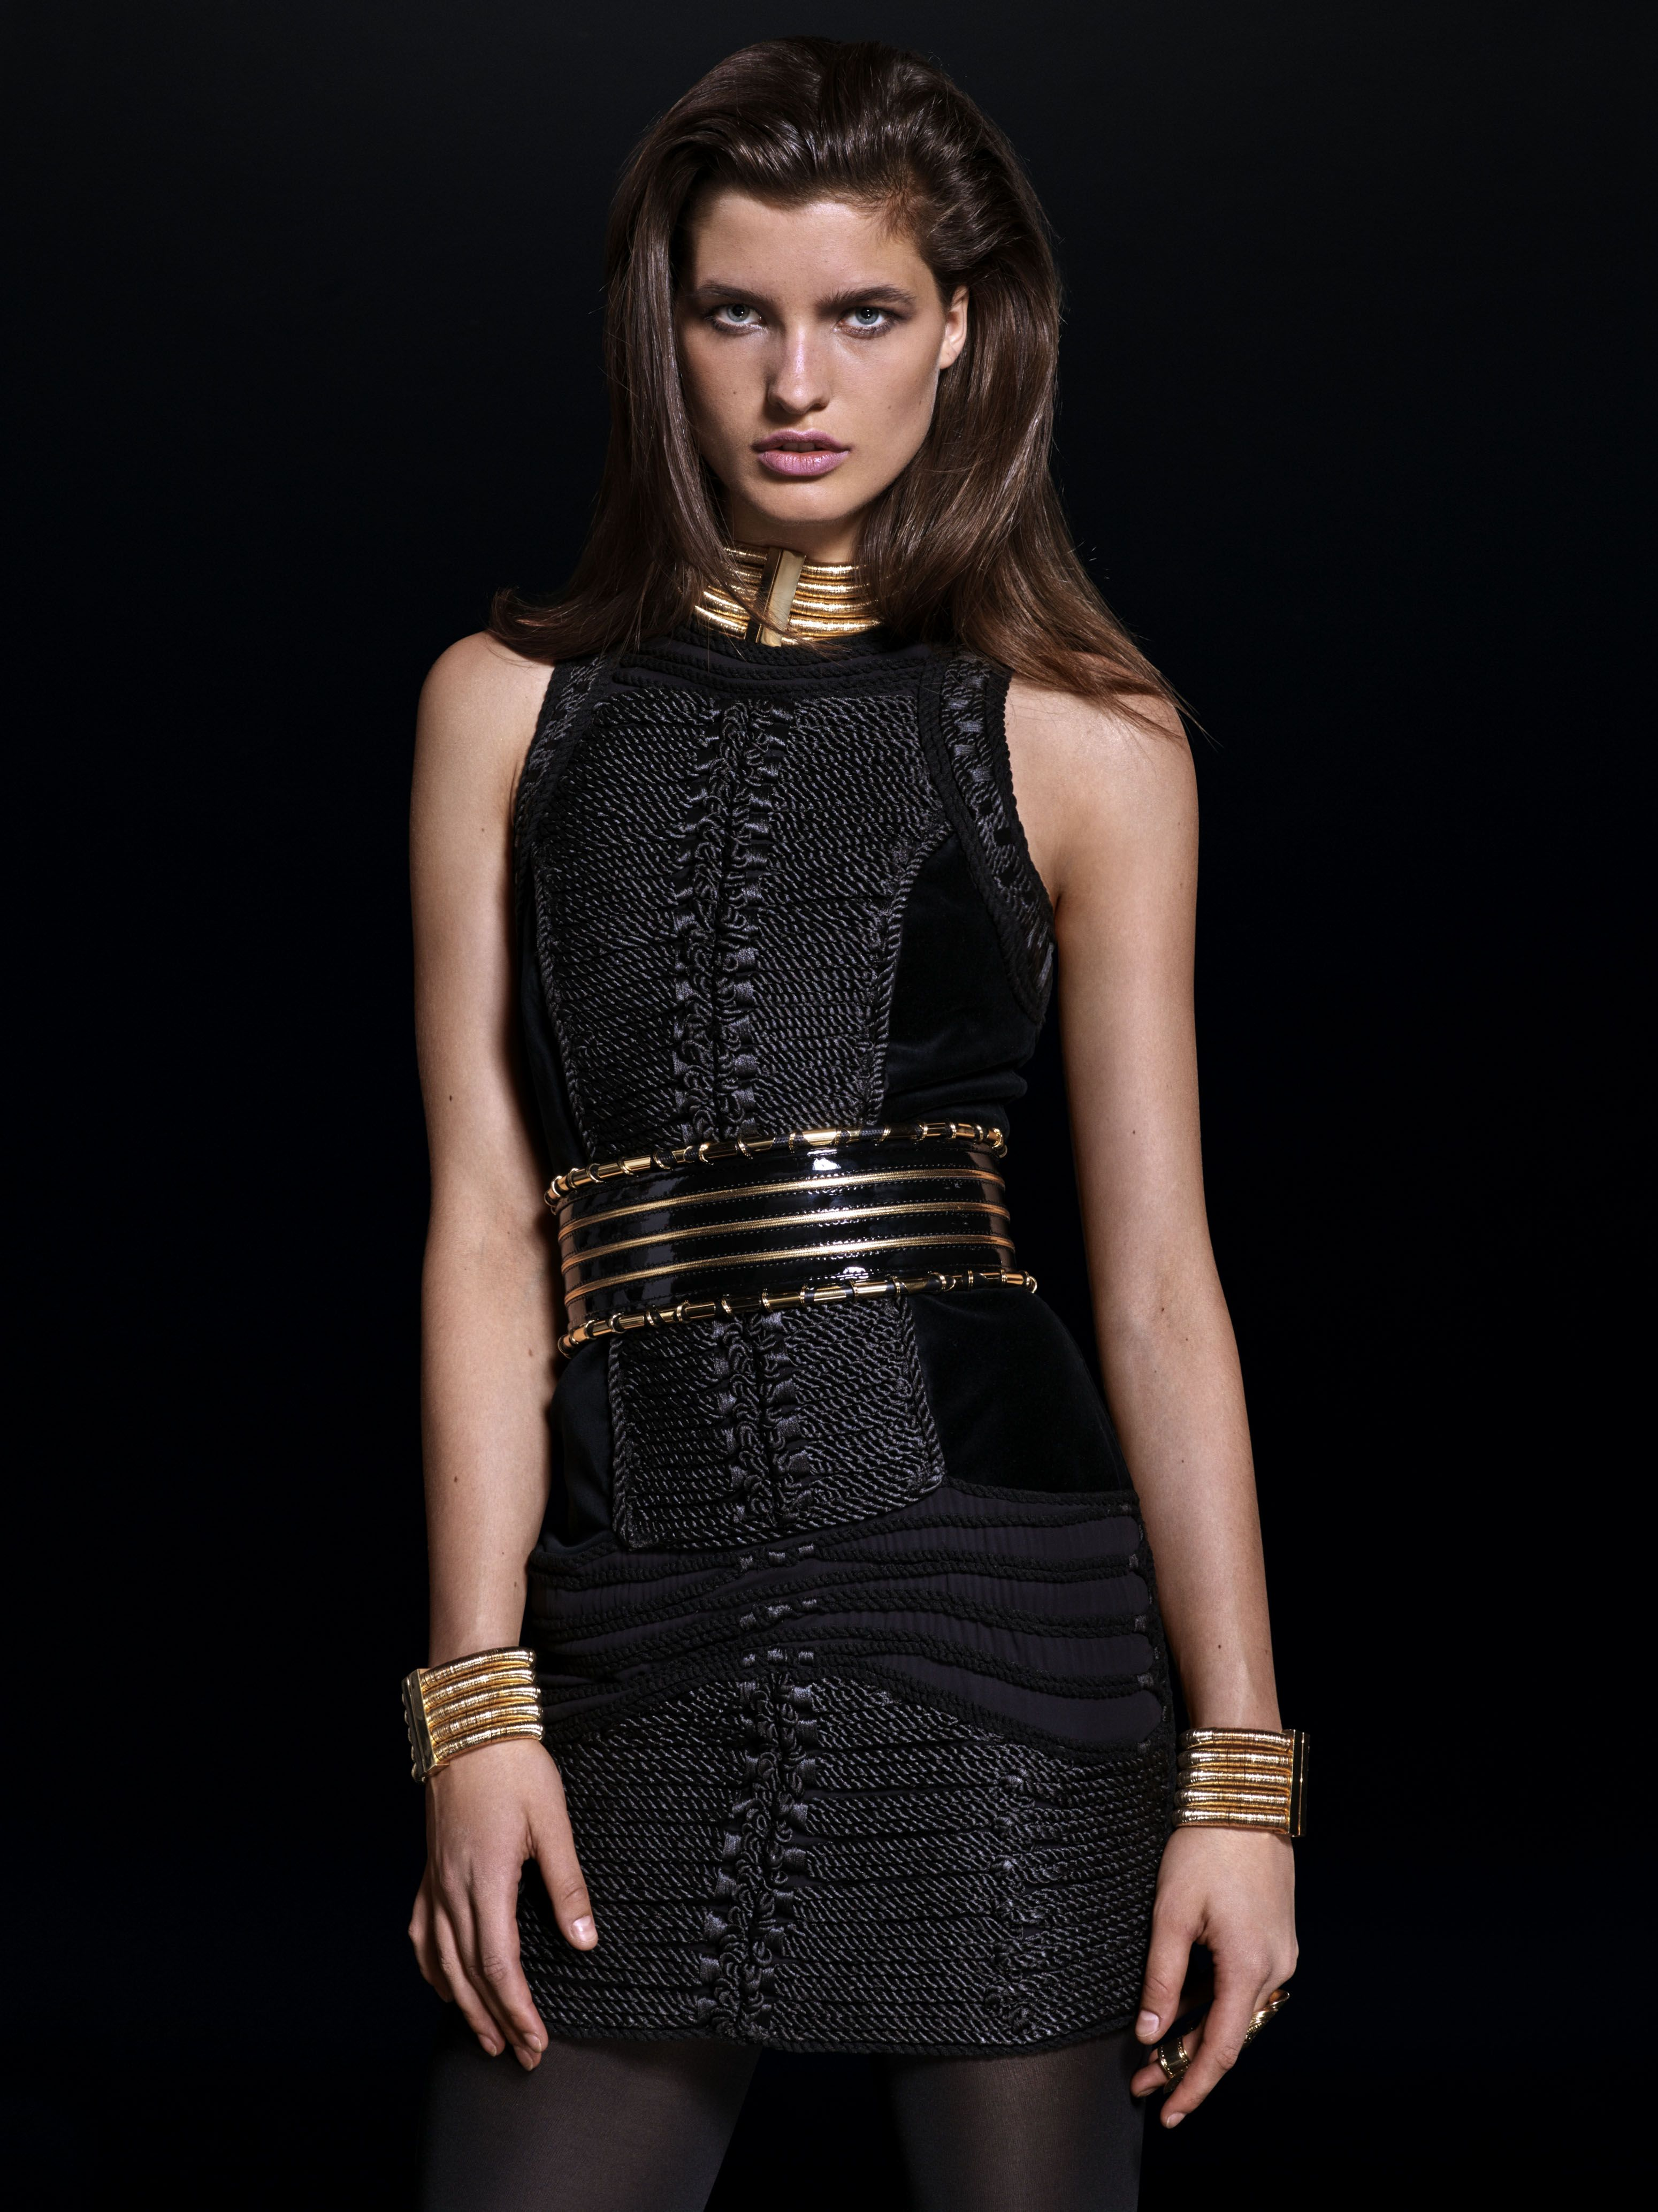 BALMAIN x H&M | Fashion, Balmain, Clothes